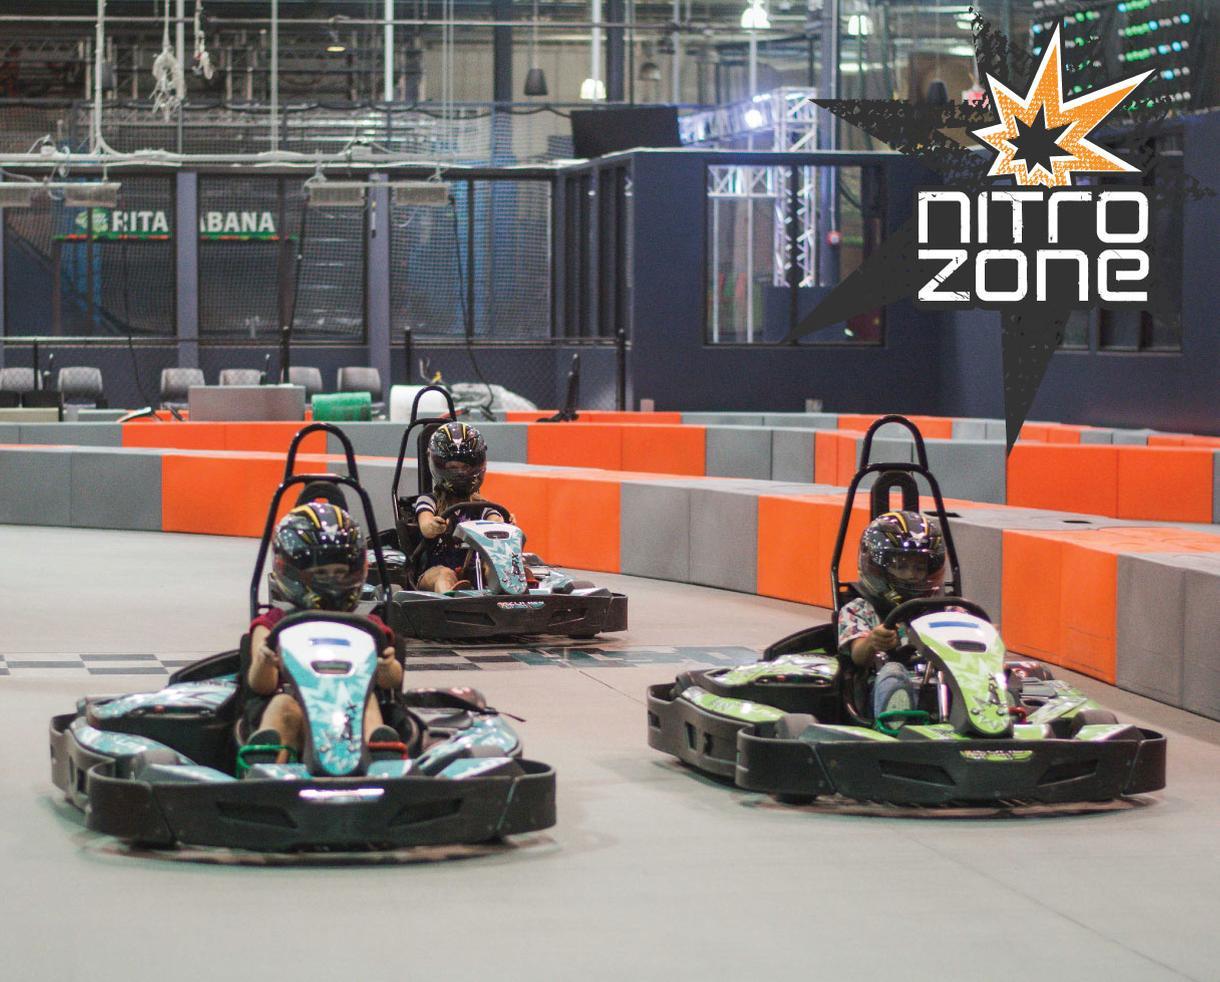 One Jr. Go Kart Race + Bazooka Ball Ticket at Nitro Zone